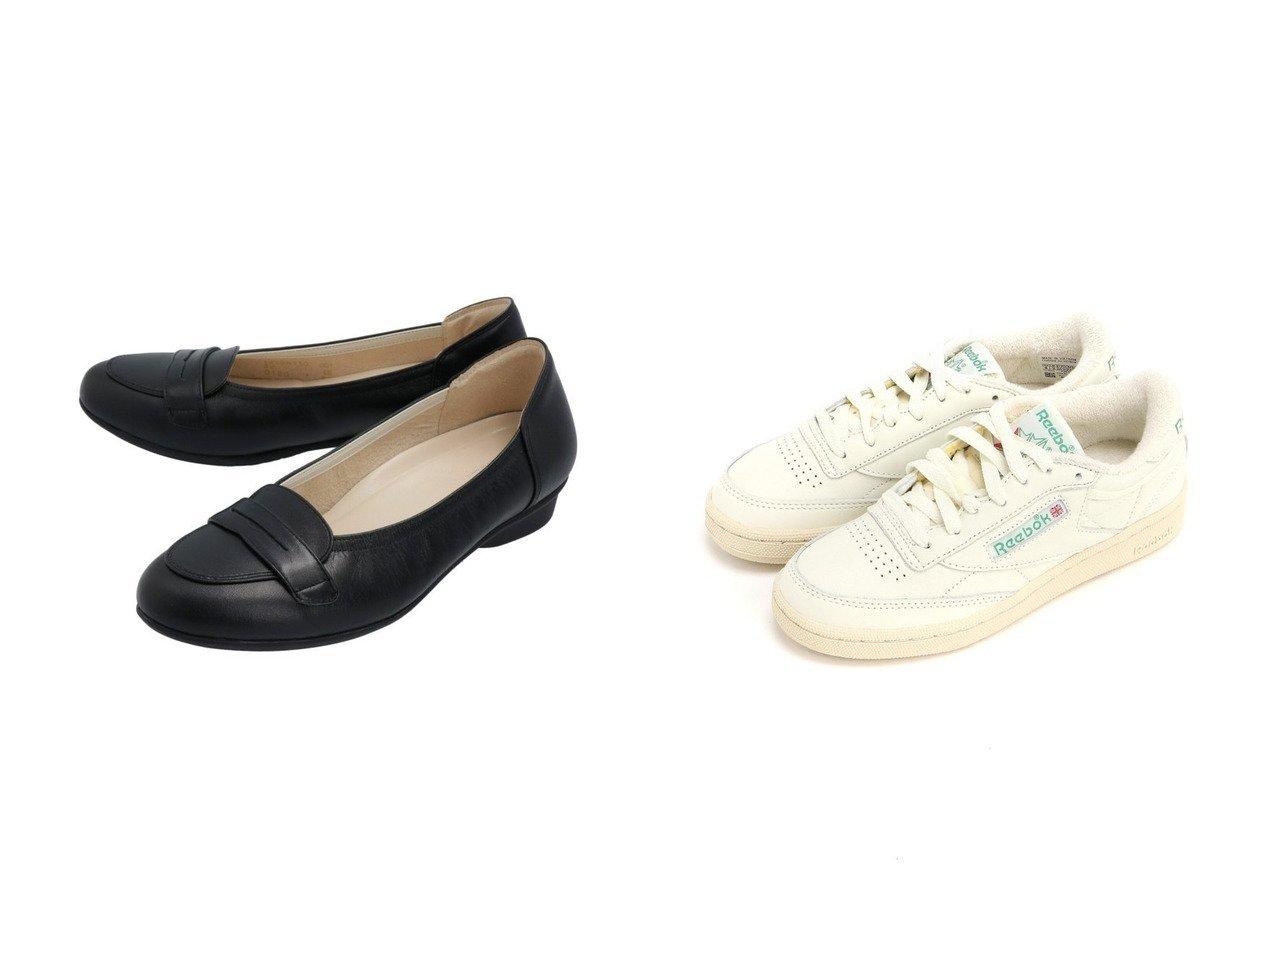 【asics/アシックス】の《アシックス公式》 カジュアルシューズ Pedala 【ペダラ WC110D 2E】&【Reebok CLASSIC/リーボック】のクラブ シー CLUB C 1985 TV リーボック シューズ・靴のおすすめ!人気、トレンド・レディースファッションの通販  おすすめで人気の流行・トレンド、ファッションの通販商品 メンズファッション・キッズファッション・インテリア・家具・レディースファッション・服の通販 founy(ファニー) https://founy.com/ ファッション Fashion レディースファッション WOMEN クッション シューズ フェミニン フラット ラウンド クラシック シンプル スニーカー スリッポン 軽量 |ID:crp329100000024525